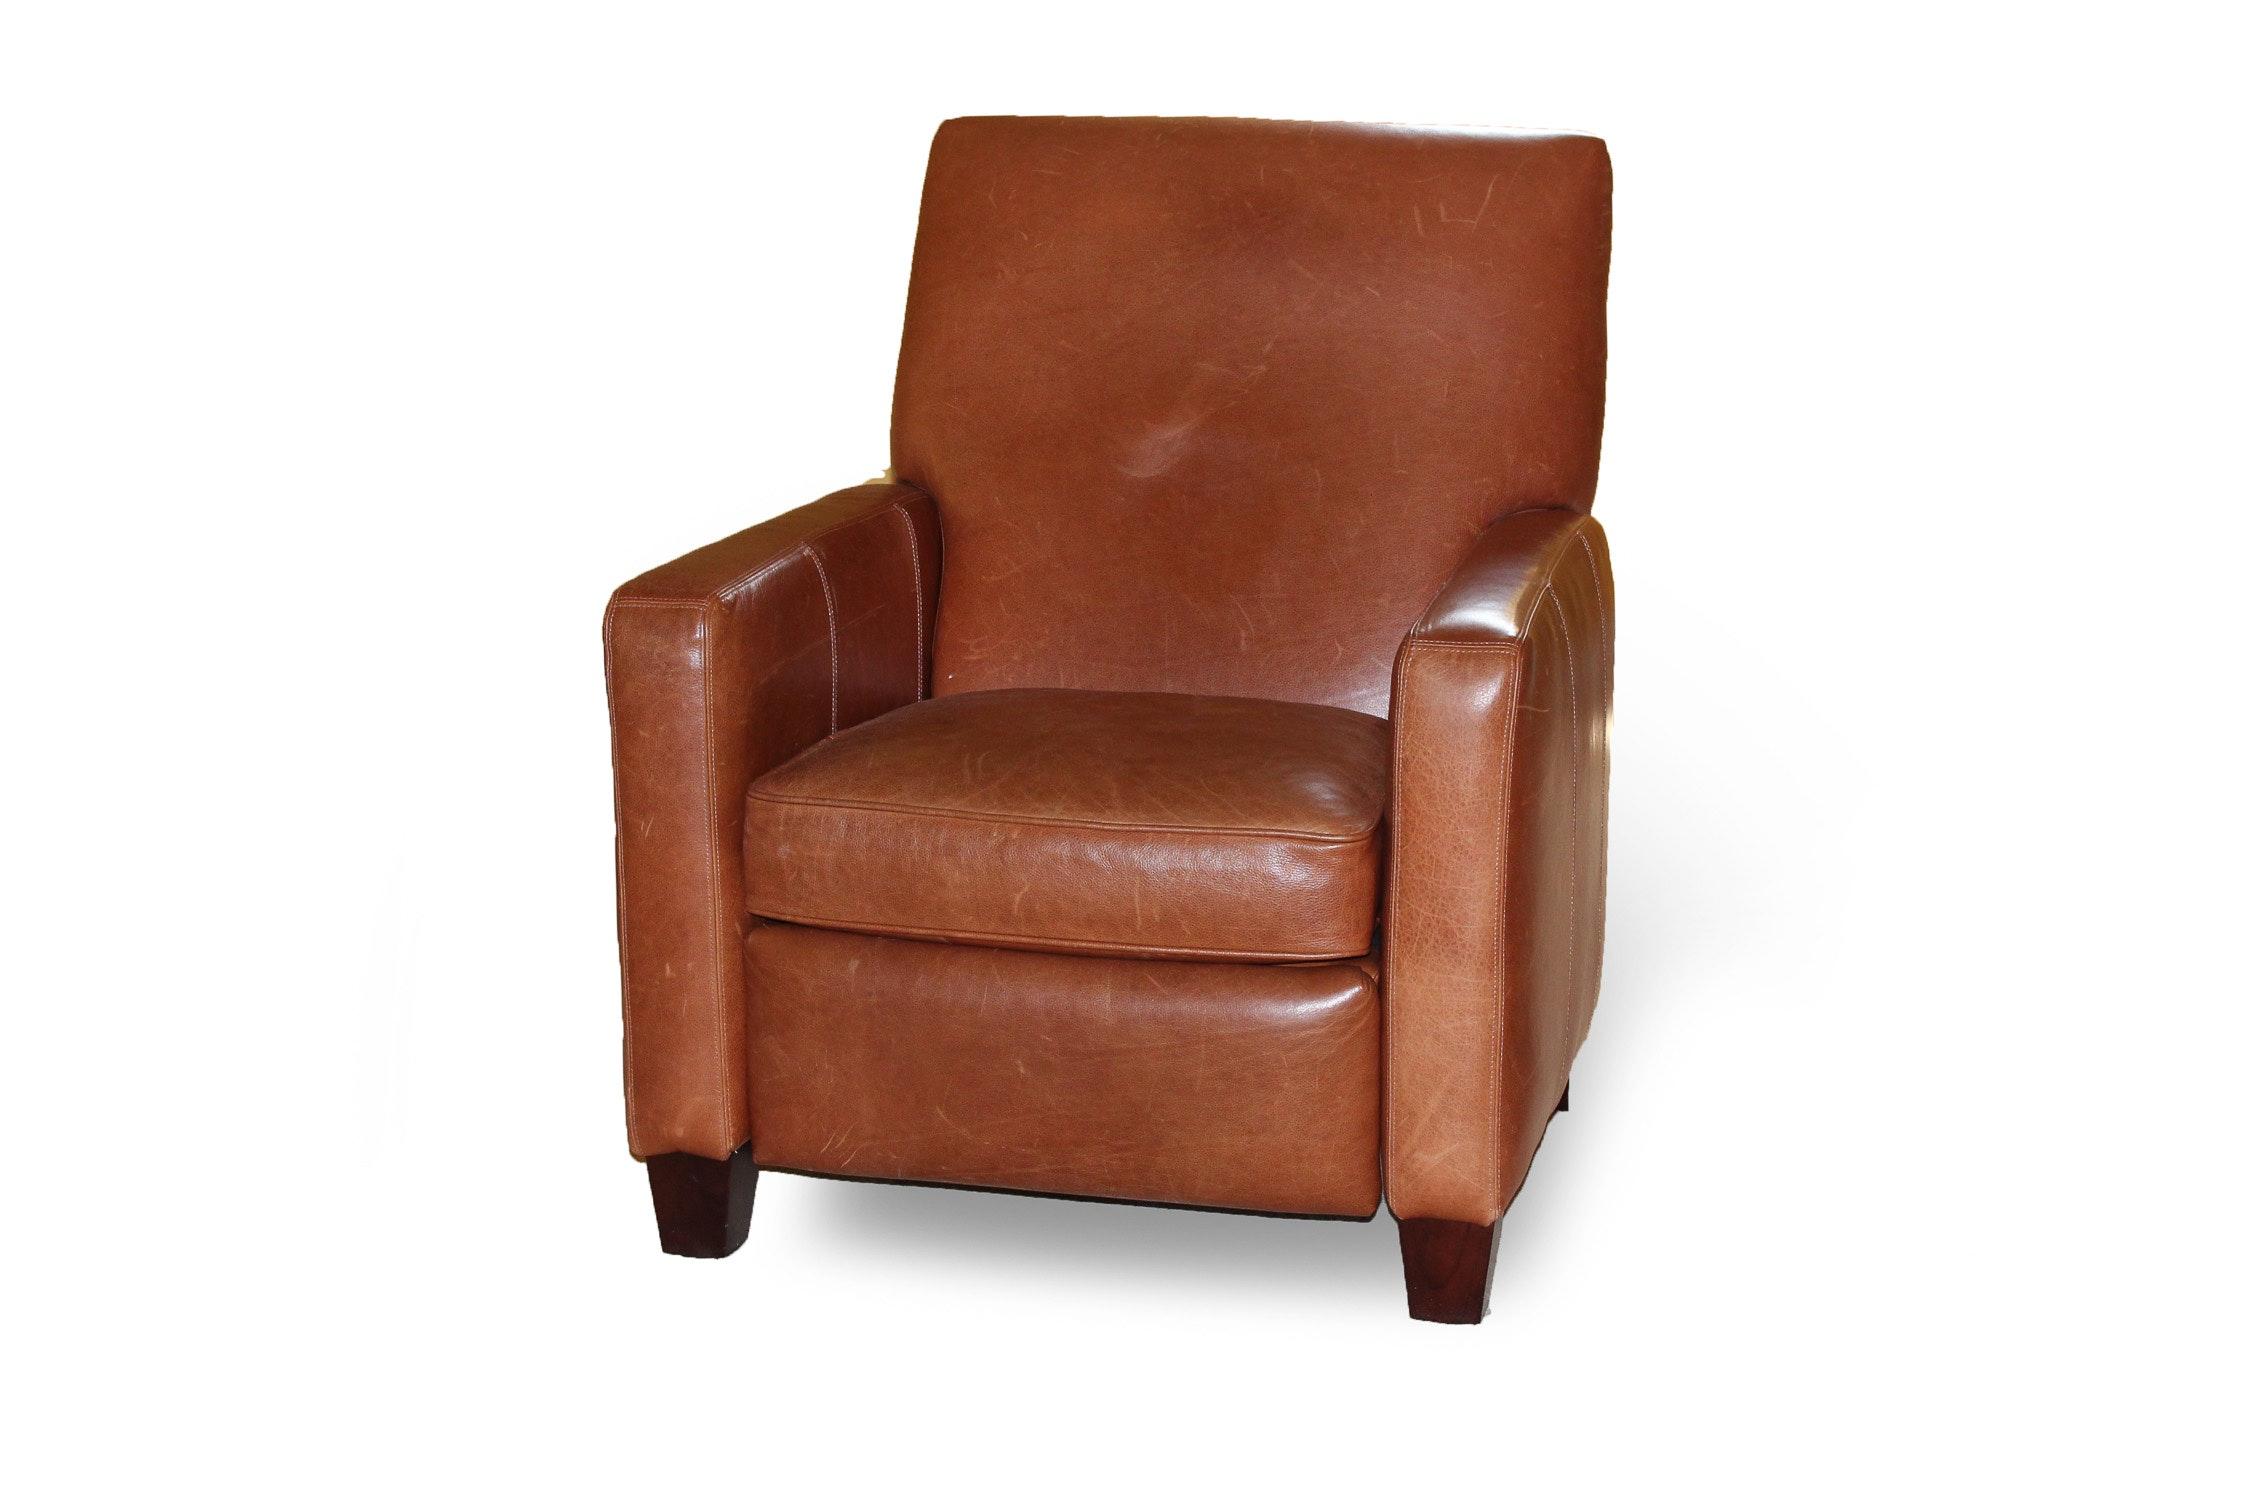 Gentil Barcalounger Cognac Leather Recliner ...